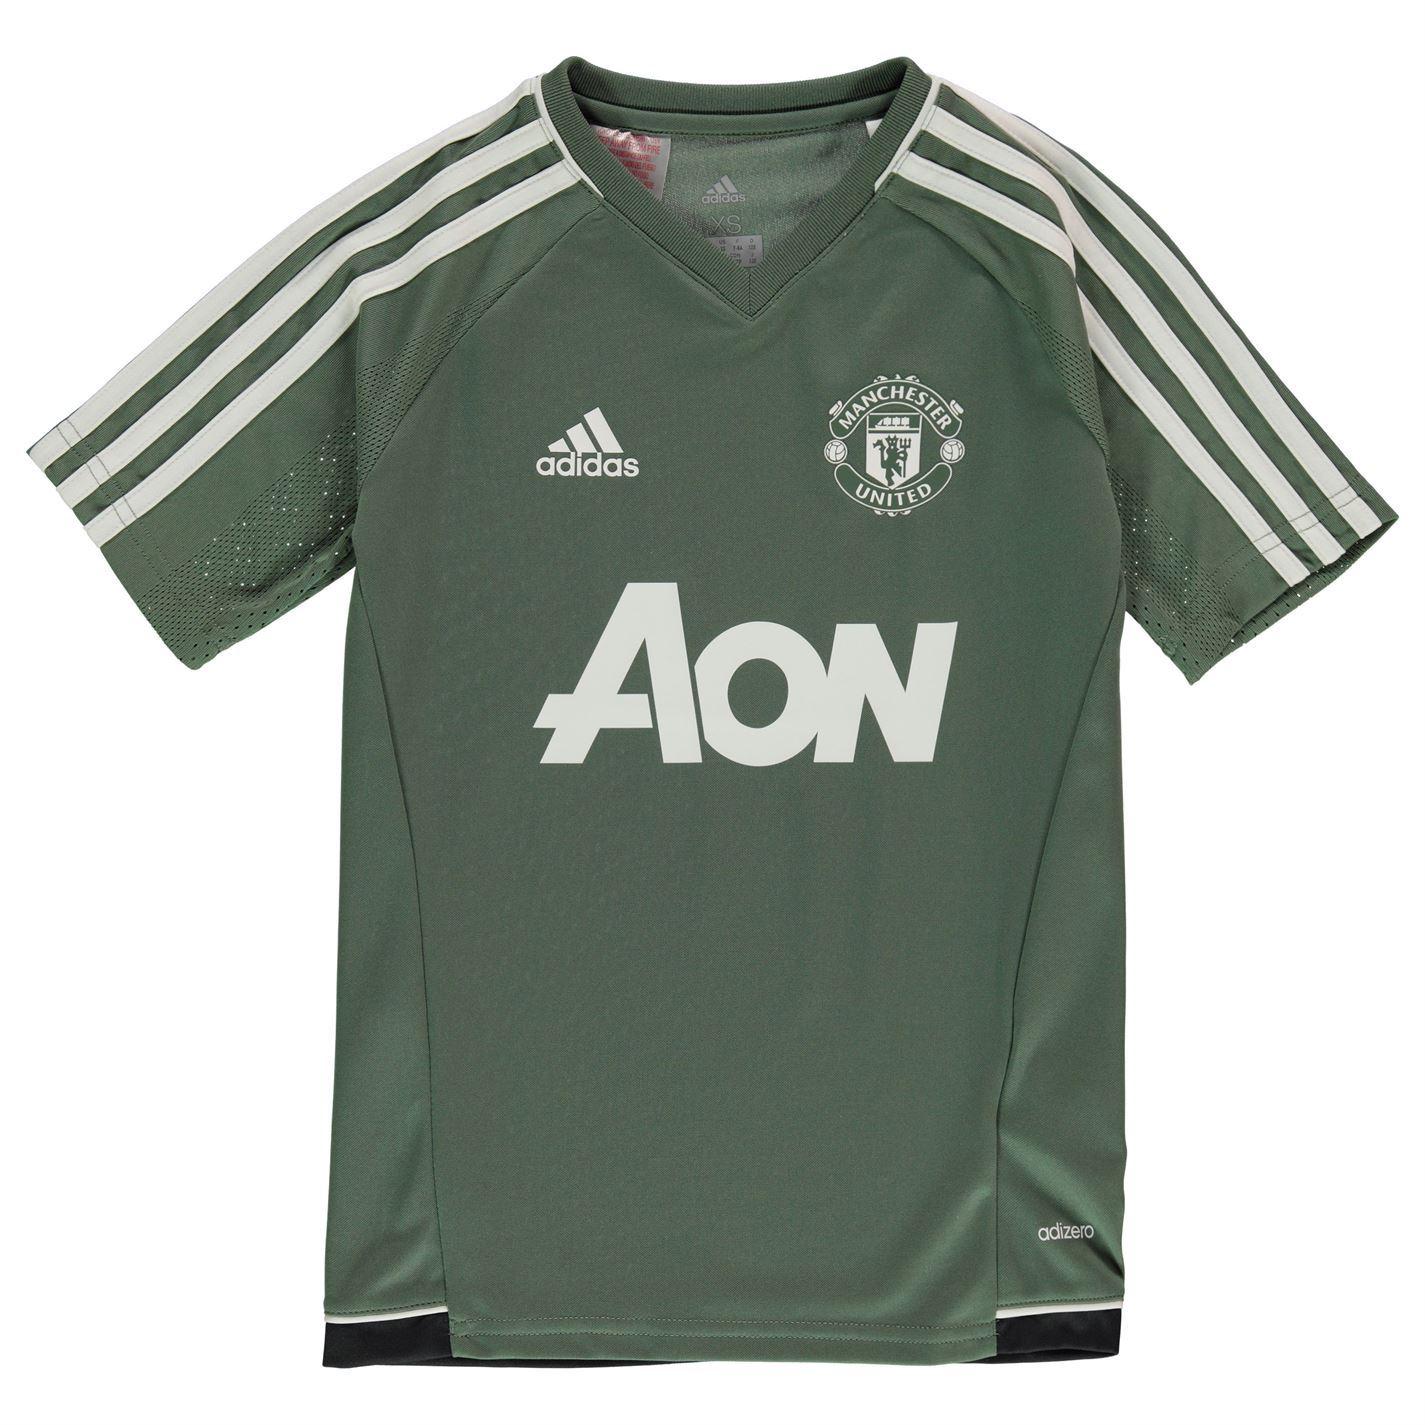 4cdd65837 ... adidas Manchester United Training Jersey Juniors Green Football Soccer  Shirt Top ...